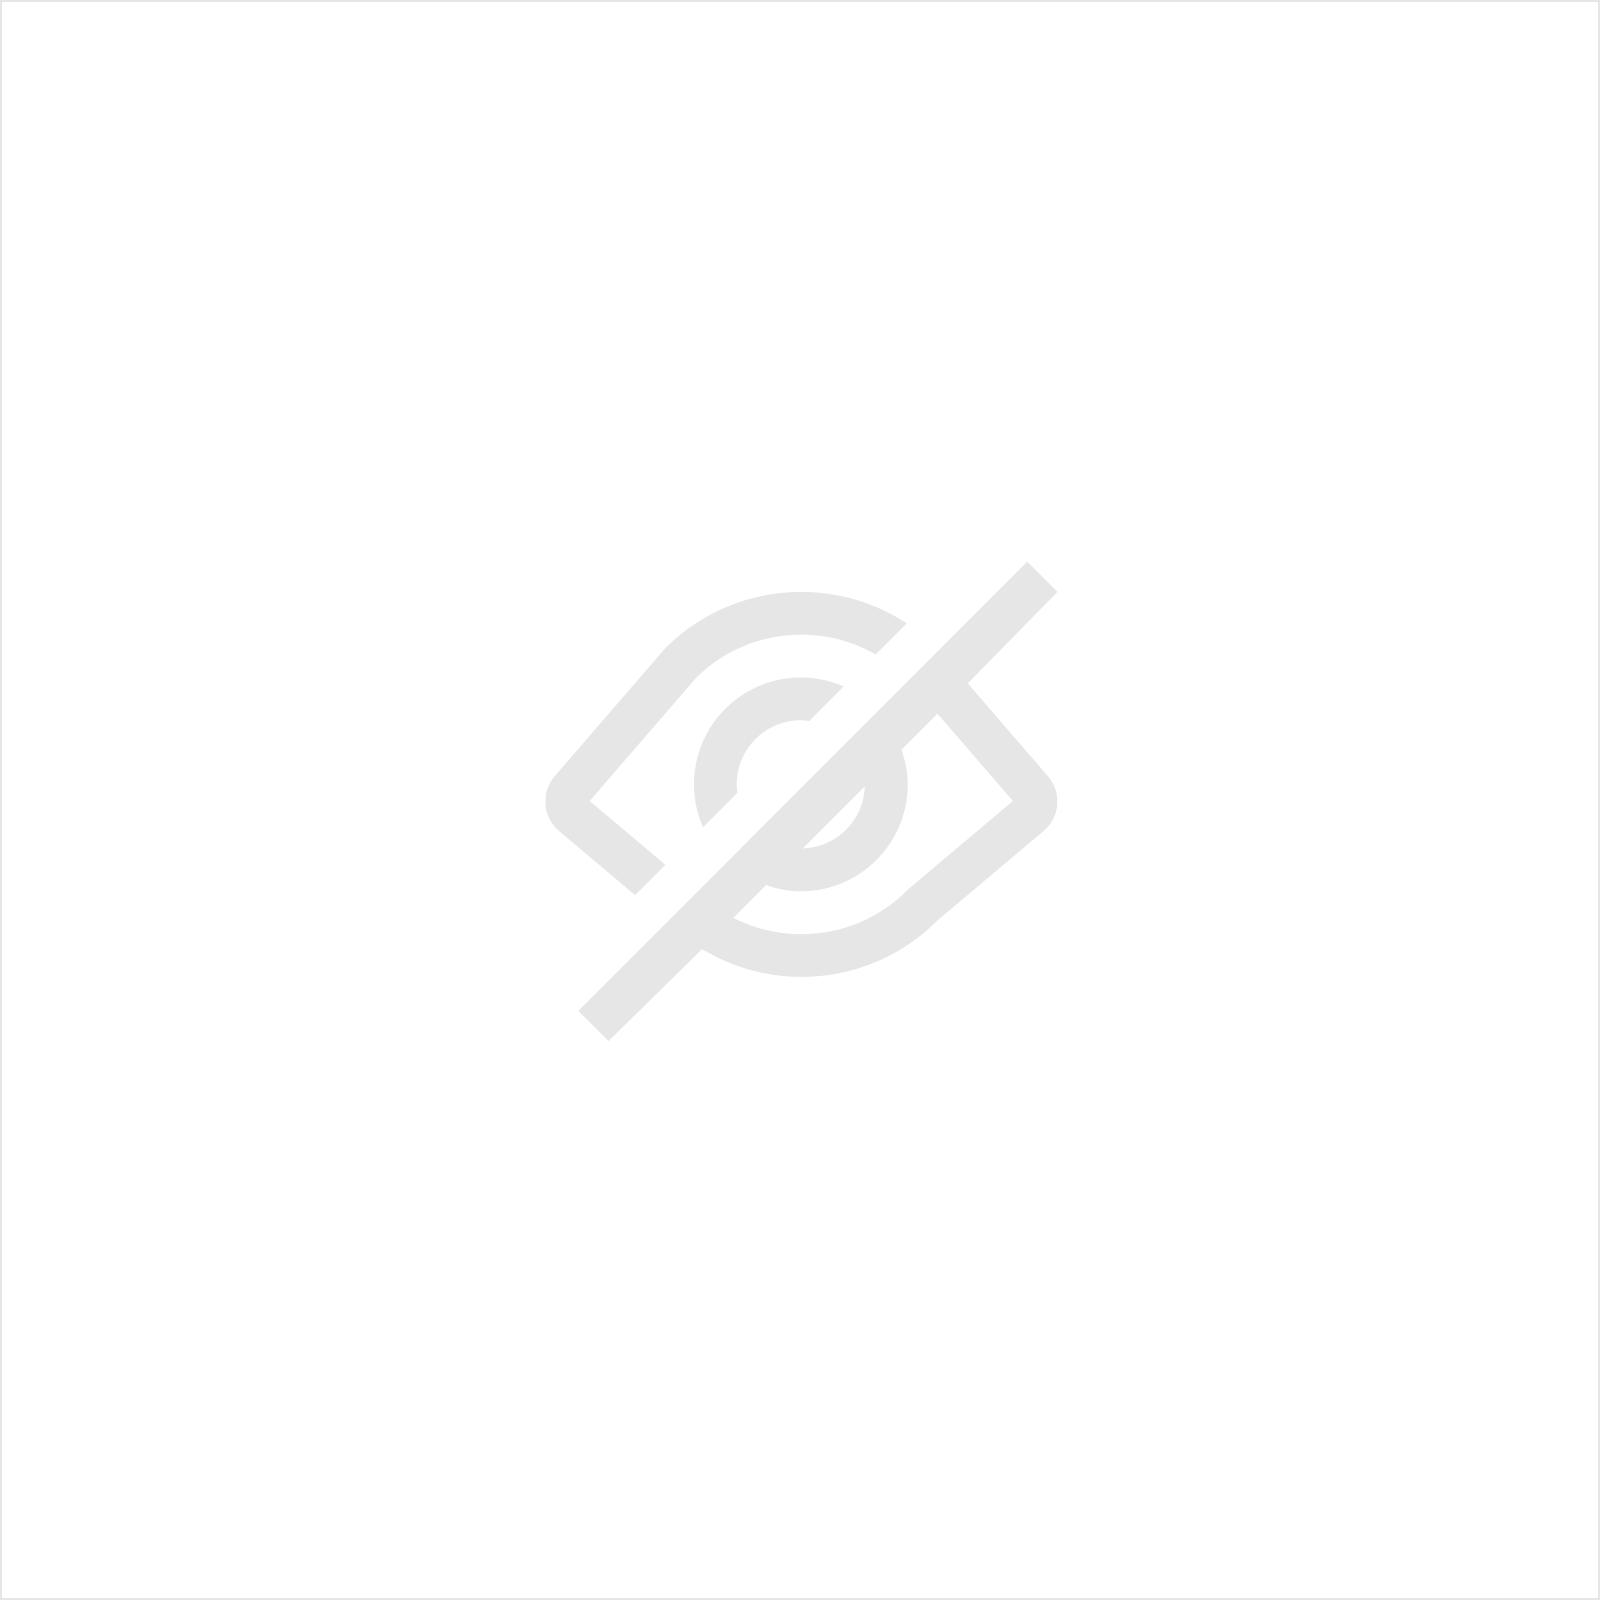 JEU DE MOLETTES OPTIONNELLES - STANDARD ART PATTERN ROLL - POUR BORDEUSE MOULUREUSE